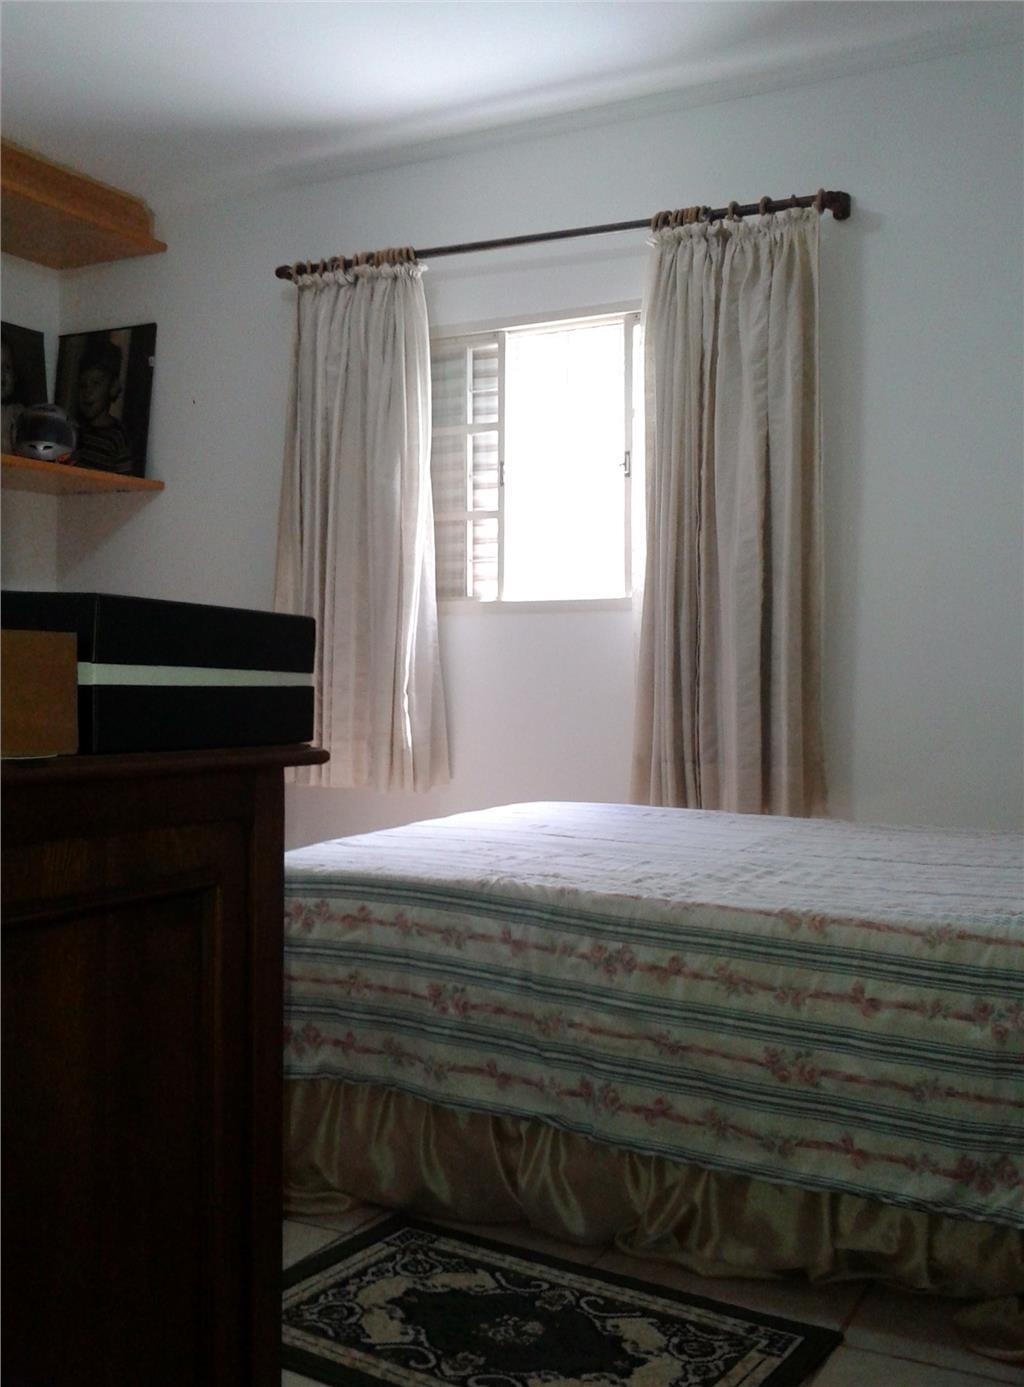 Chácara 3 Dorm, Loteamento Chácaras Vale das Garças, Campinas - Foto 9